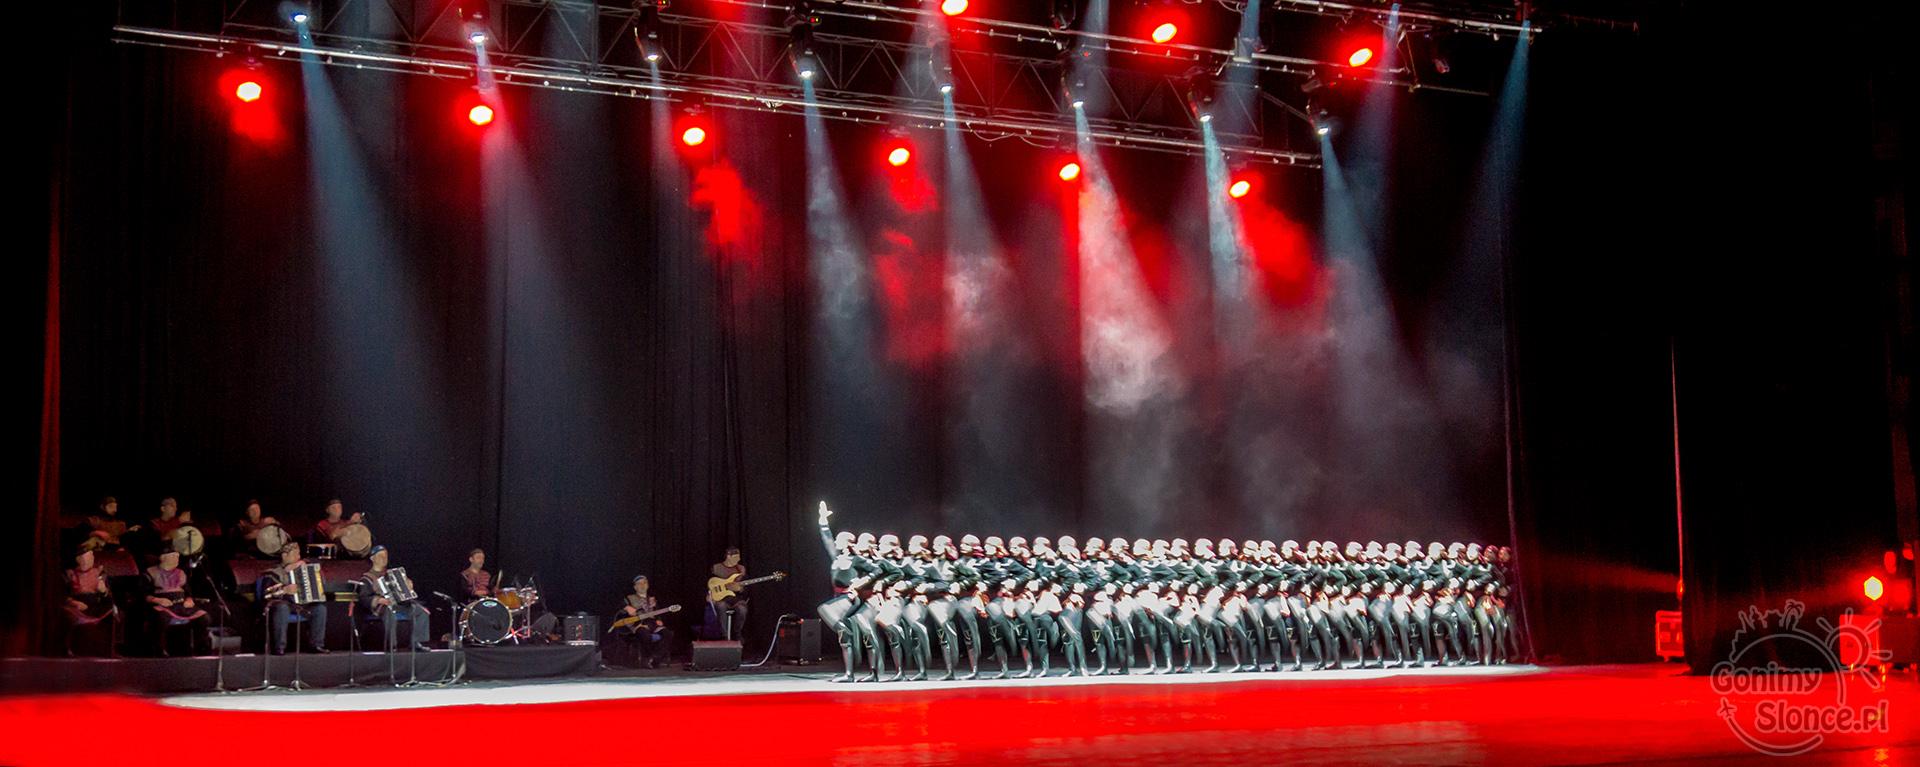 Narodowy Balet Gruzji Sukhishvili 02 blog kulturalny